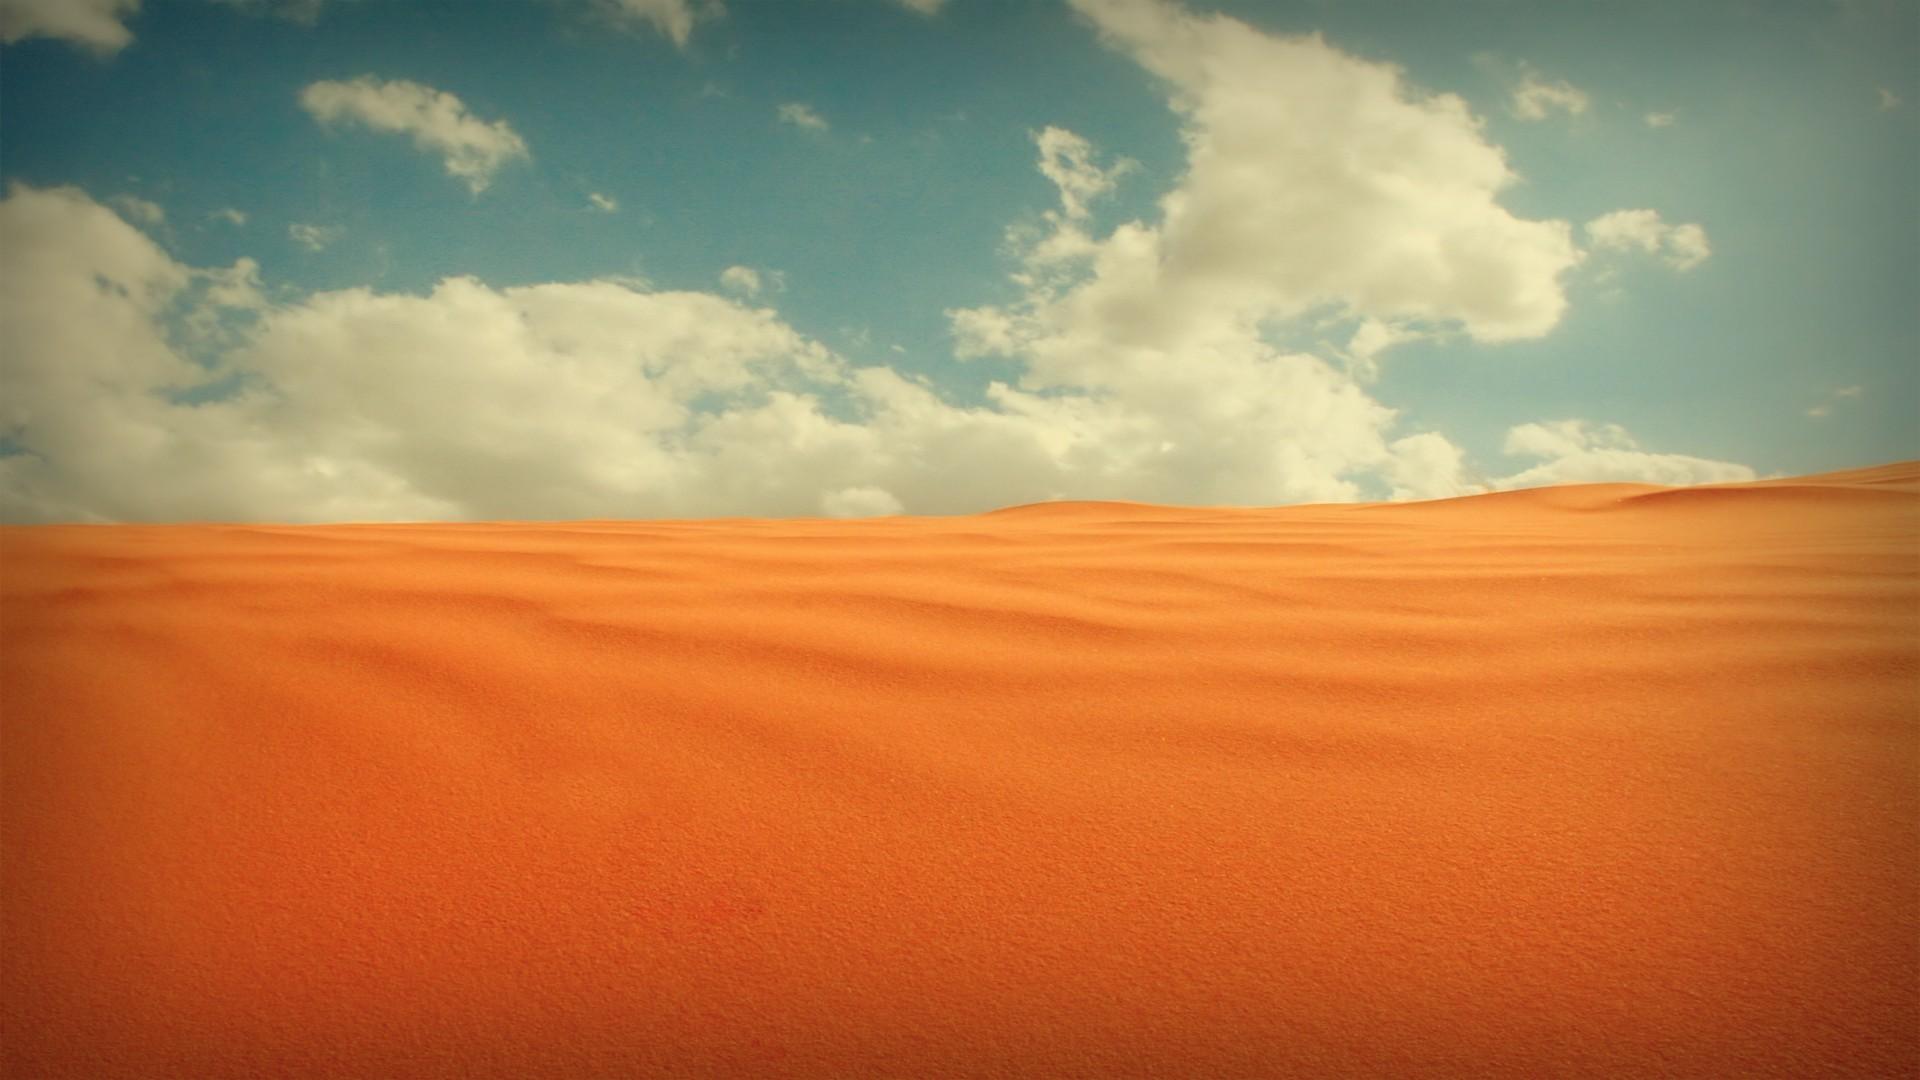 ... Free Desert Sand Wallpaper